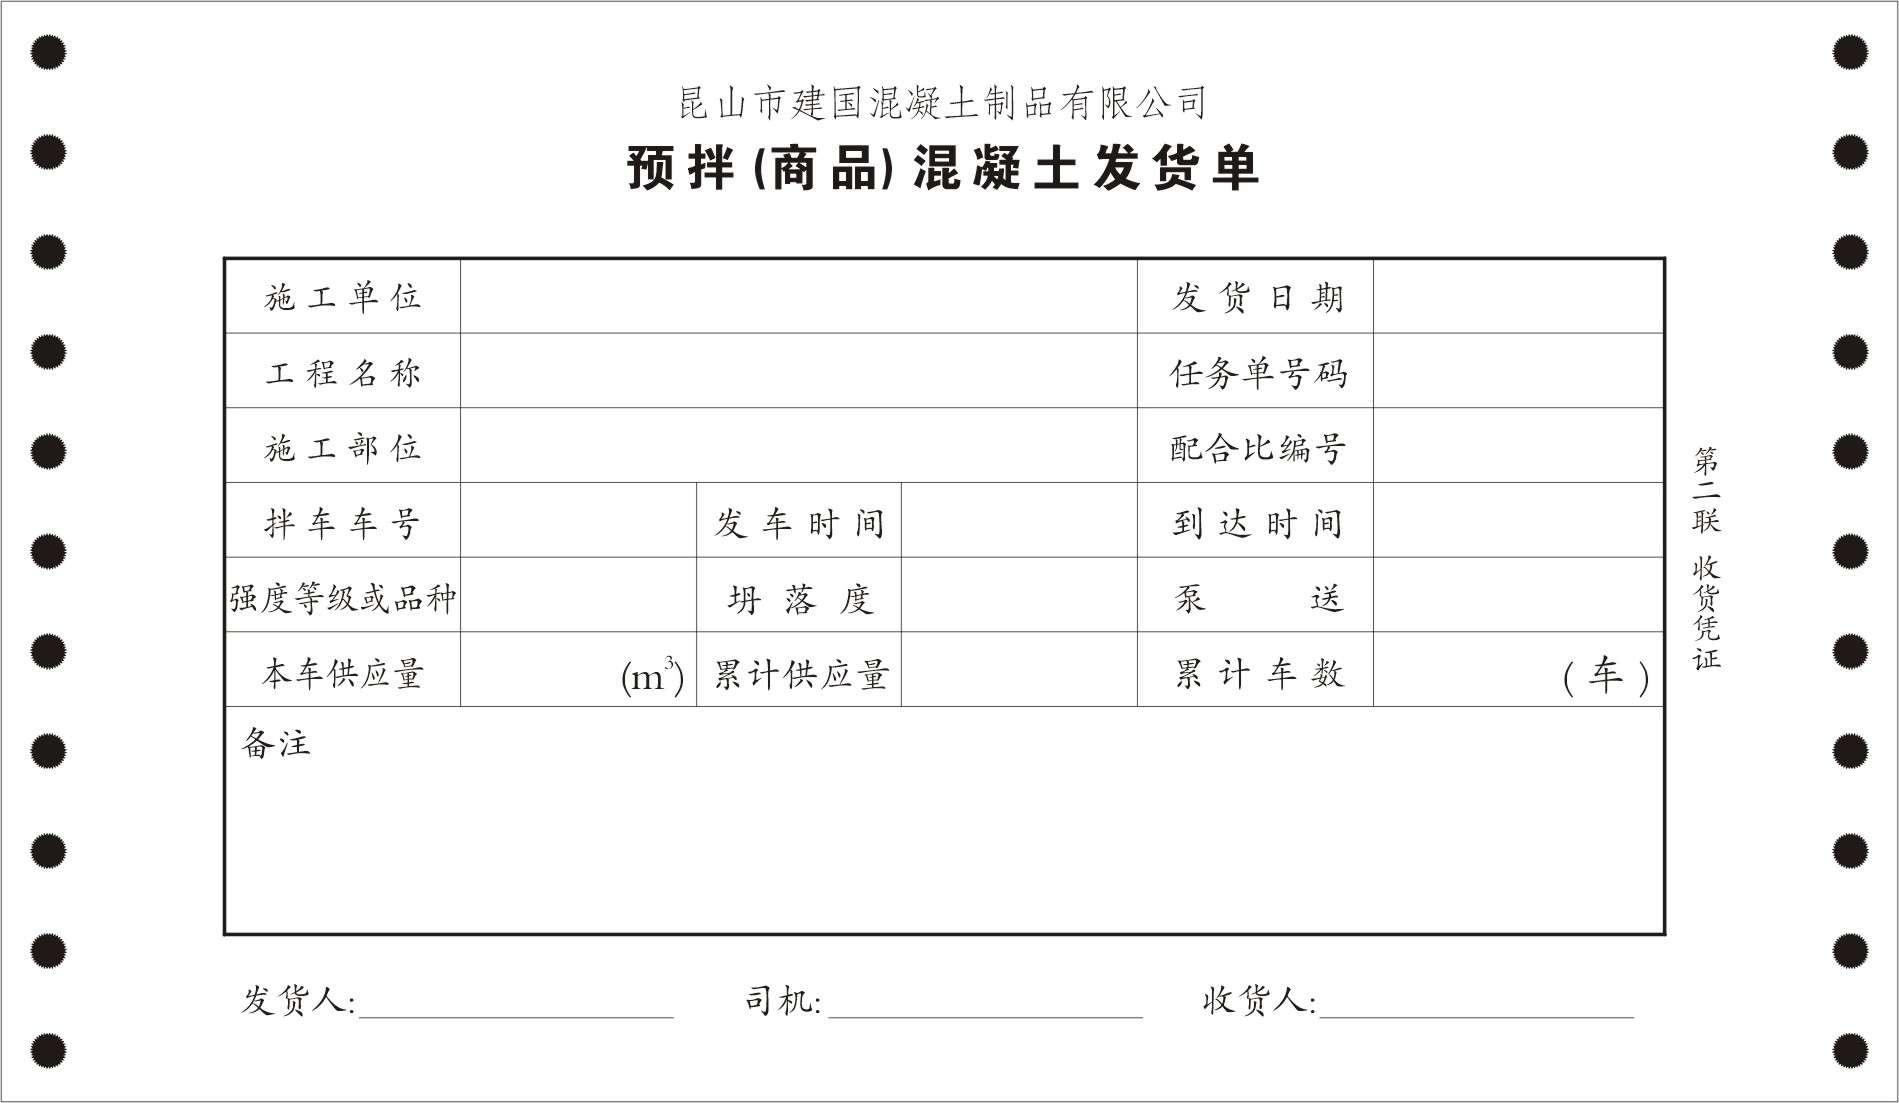 混凝土商品砼发货单珠宝品质保证单电脑票据印刷定制